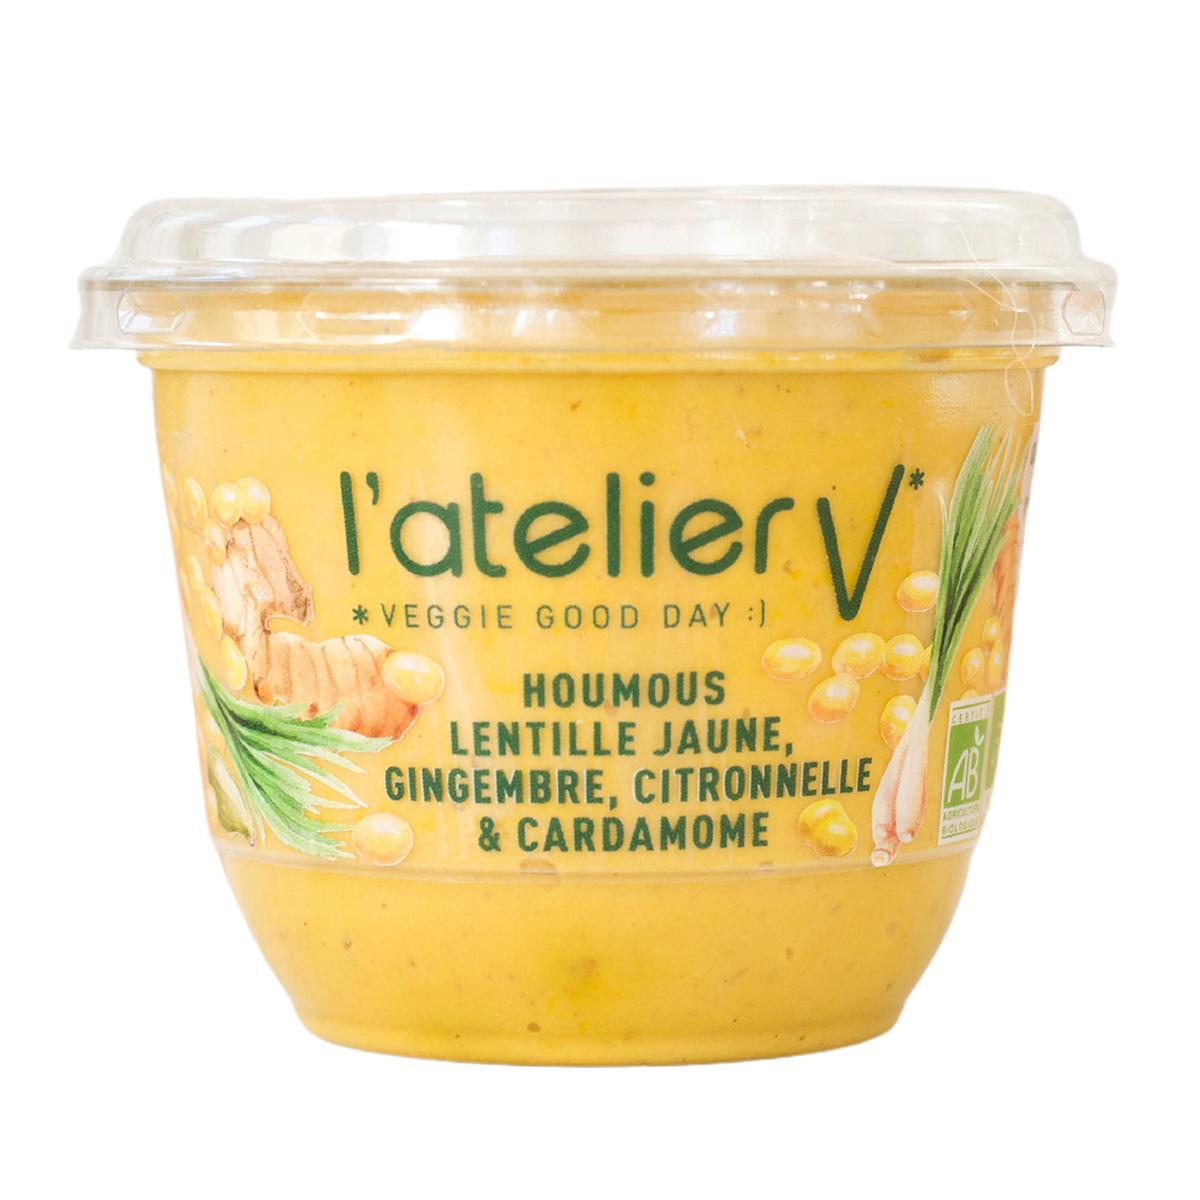 L'atelier V - Houmous lentille jaune, gingembre et citronnelle 150g